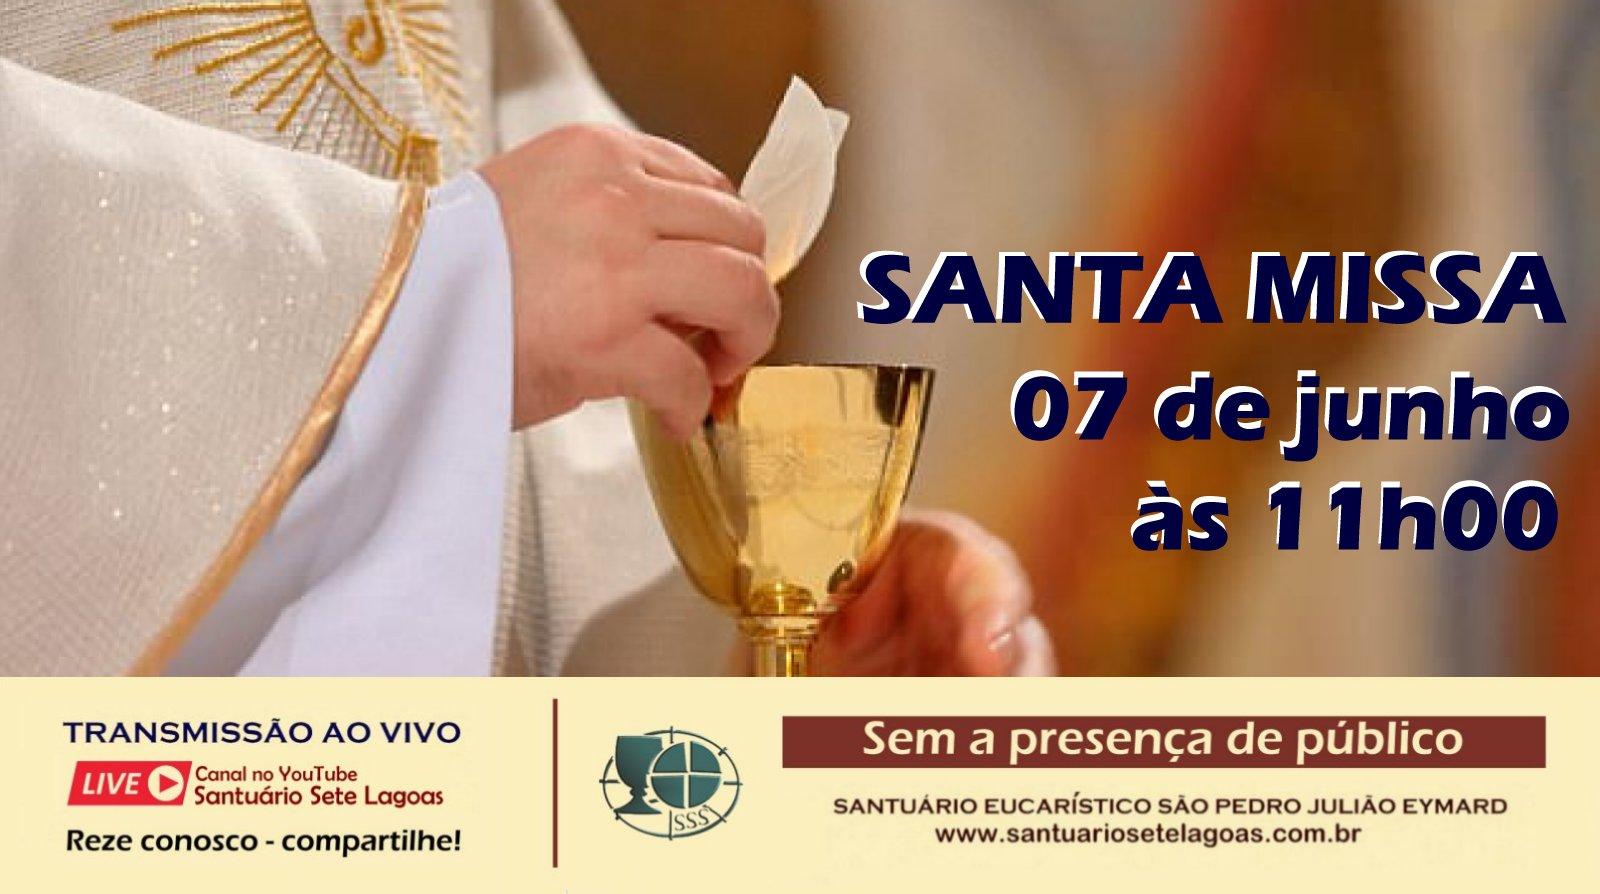 Santa Missa com transmissão ao vivo, domingo dia 07/06. Participe!